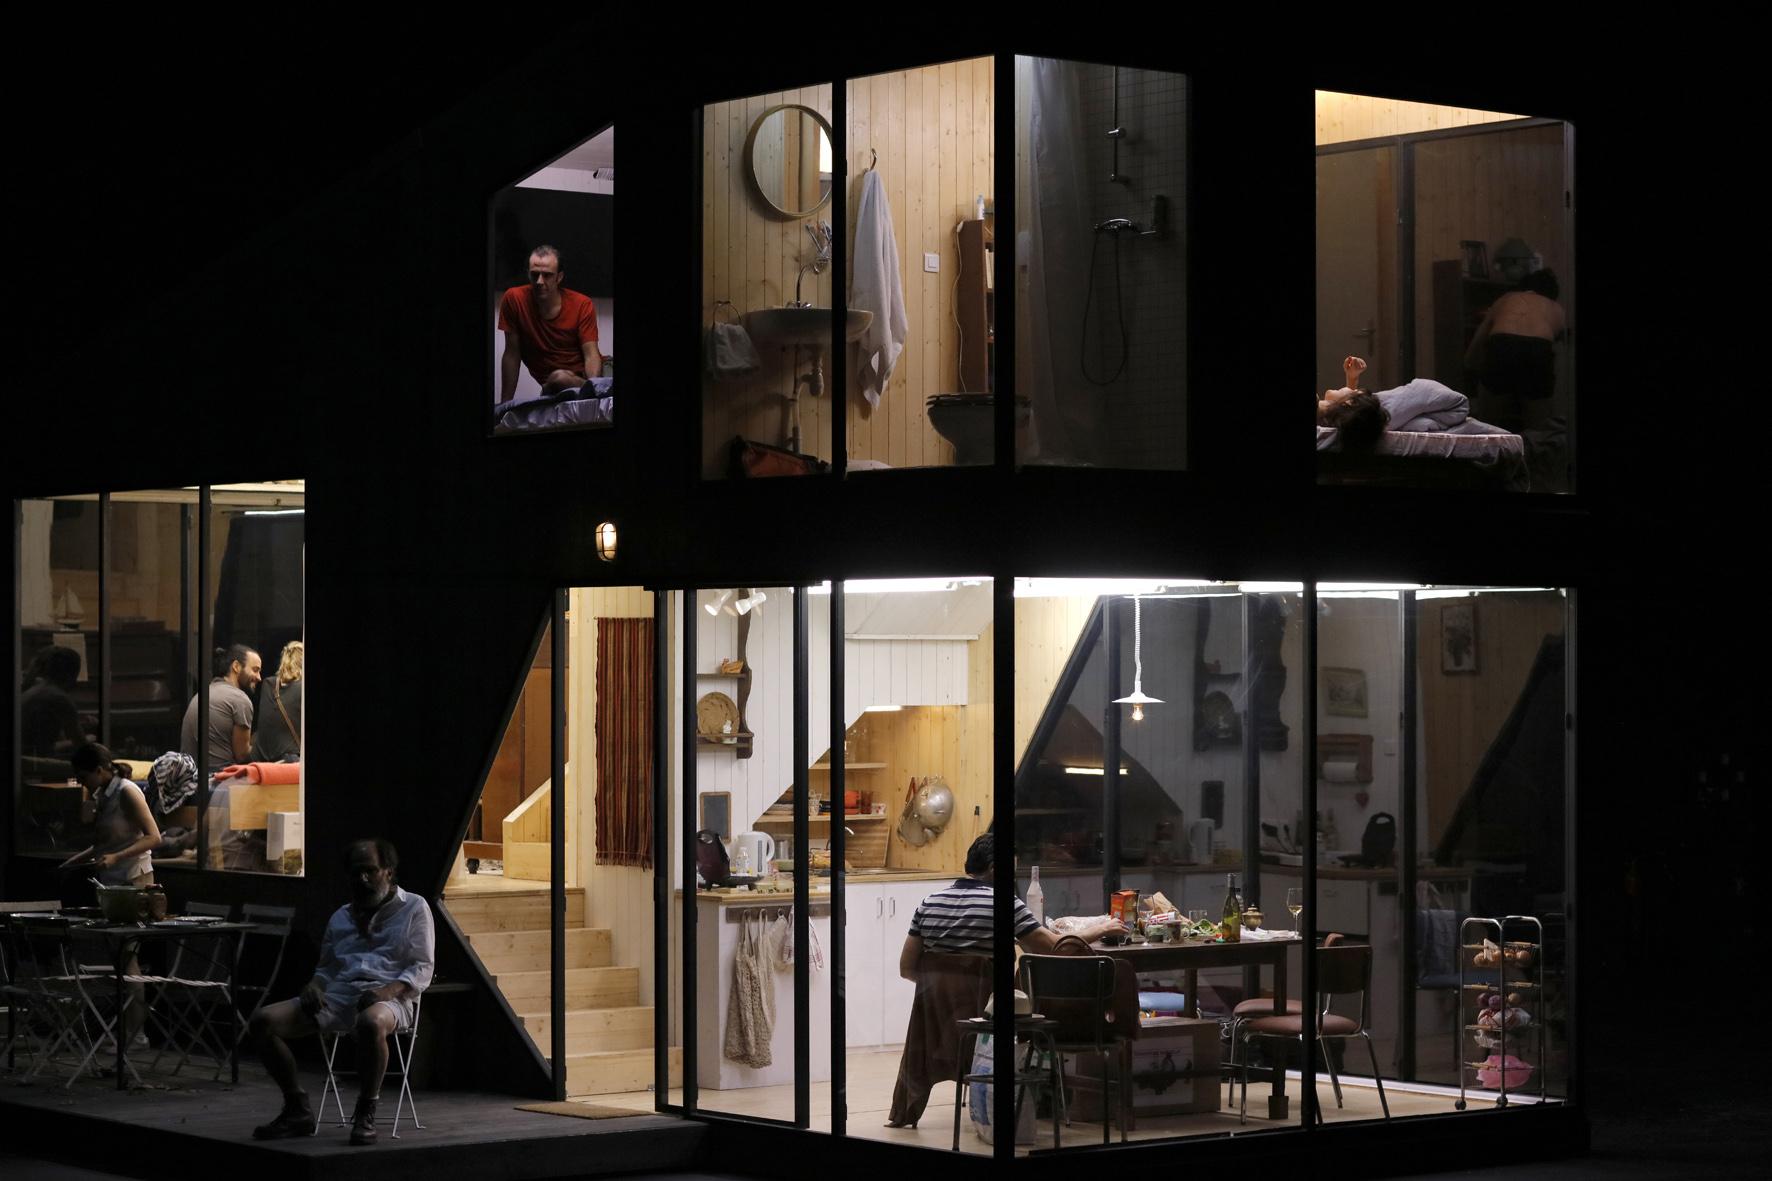 Immagine panoramica della casa a due piani rotante allestita in scena, nelle cui stanze recitano gli attori